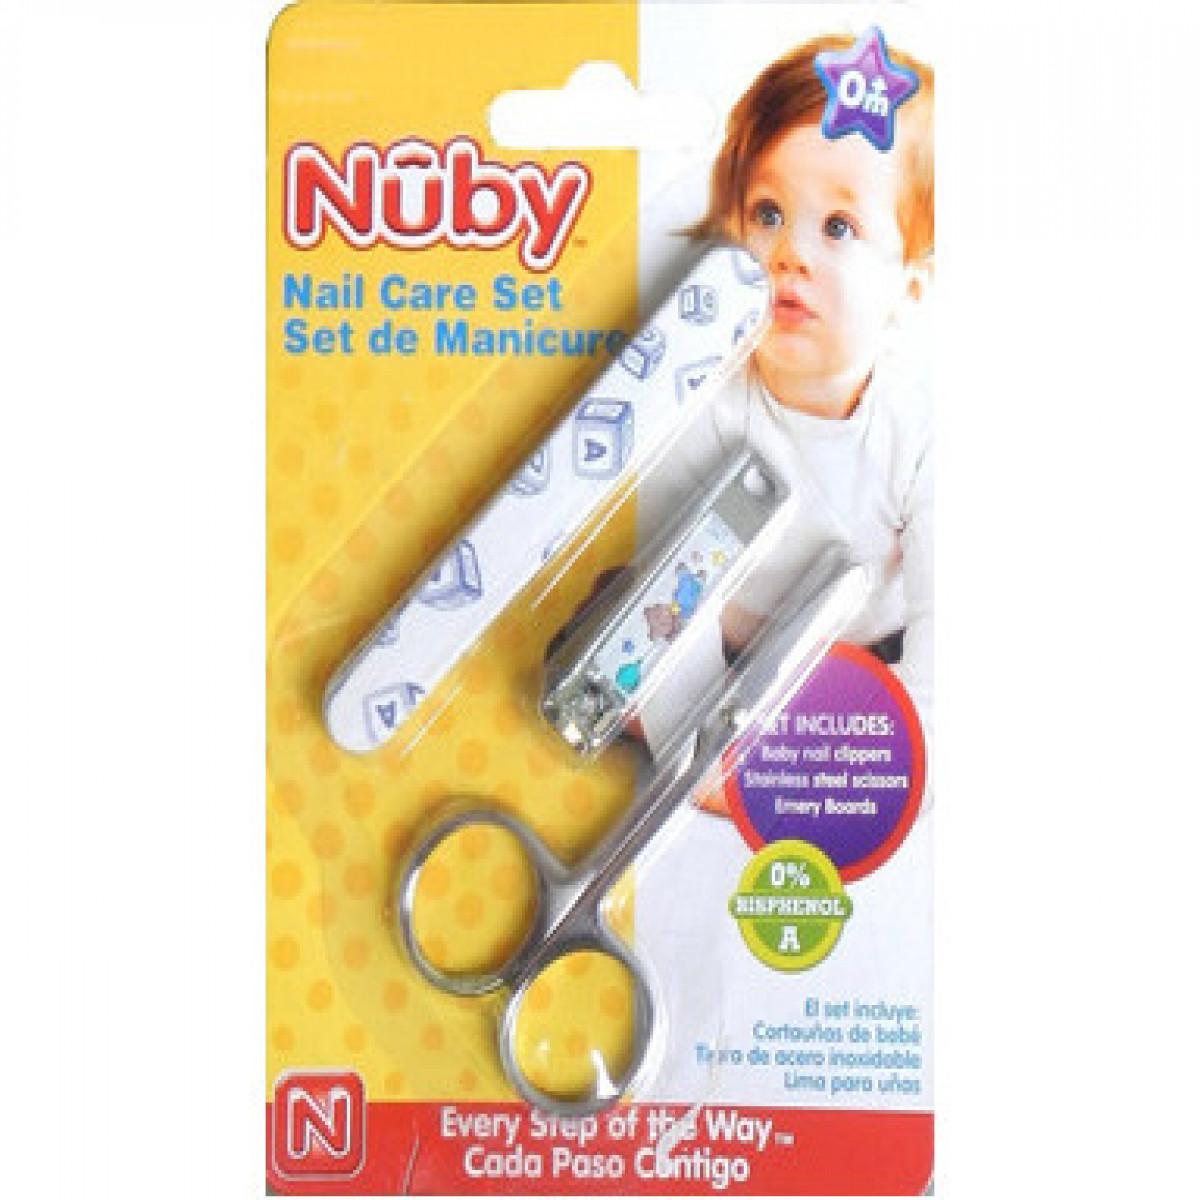 Set de manicure  Nuby celeste